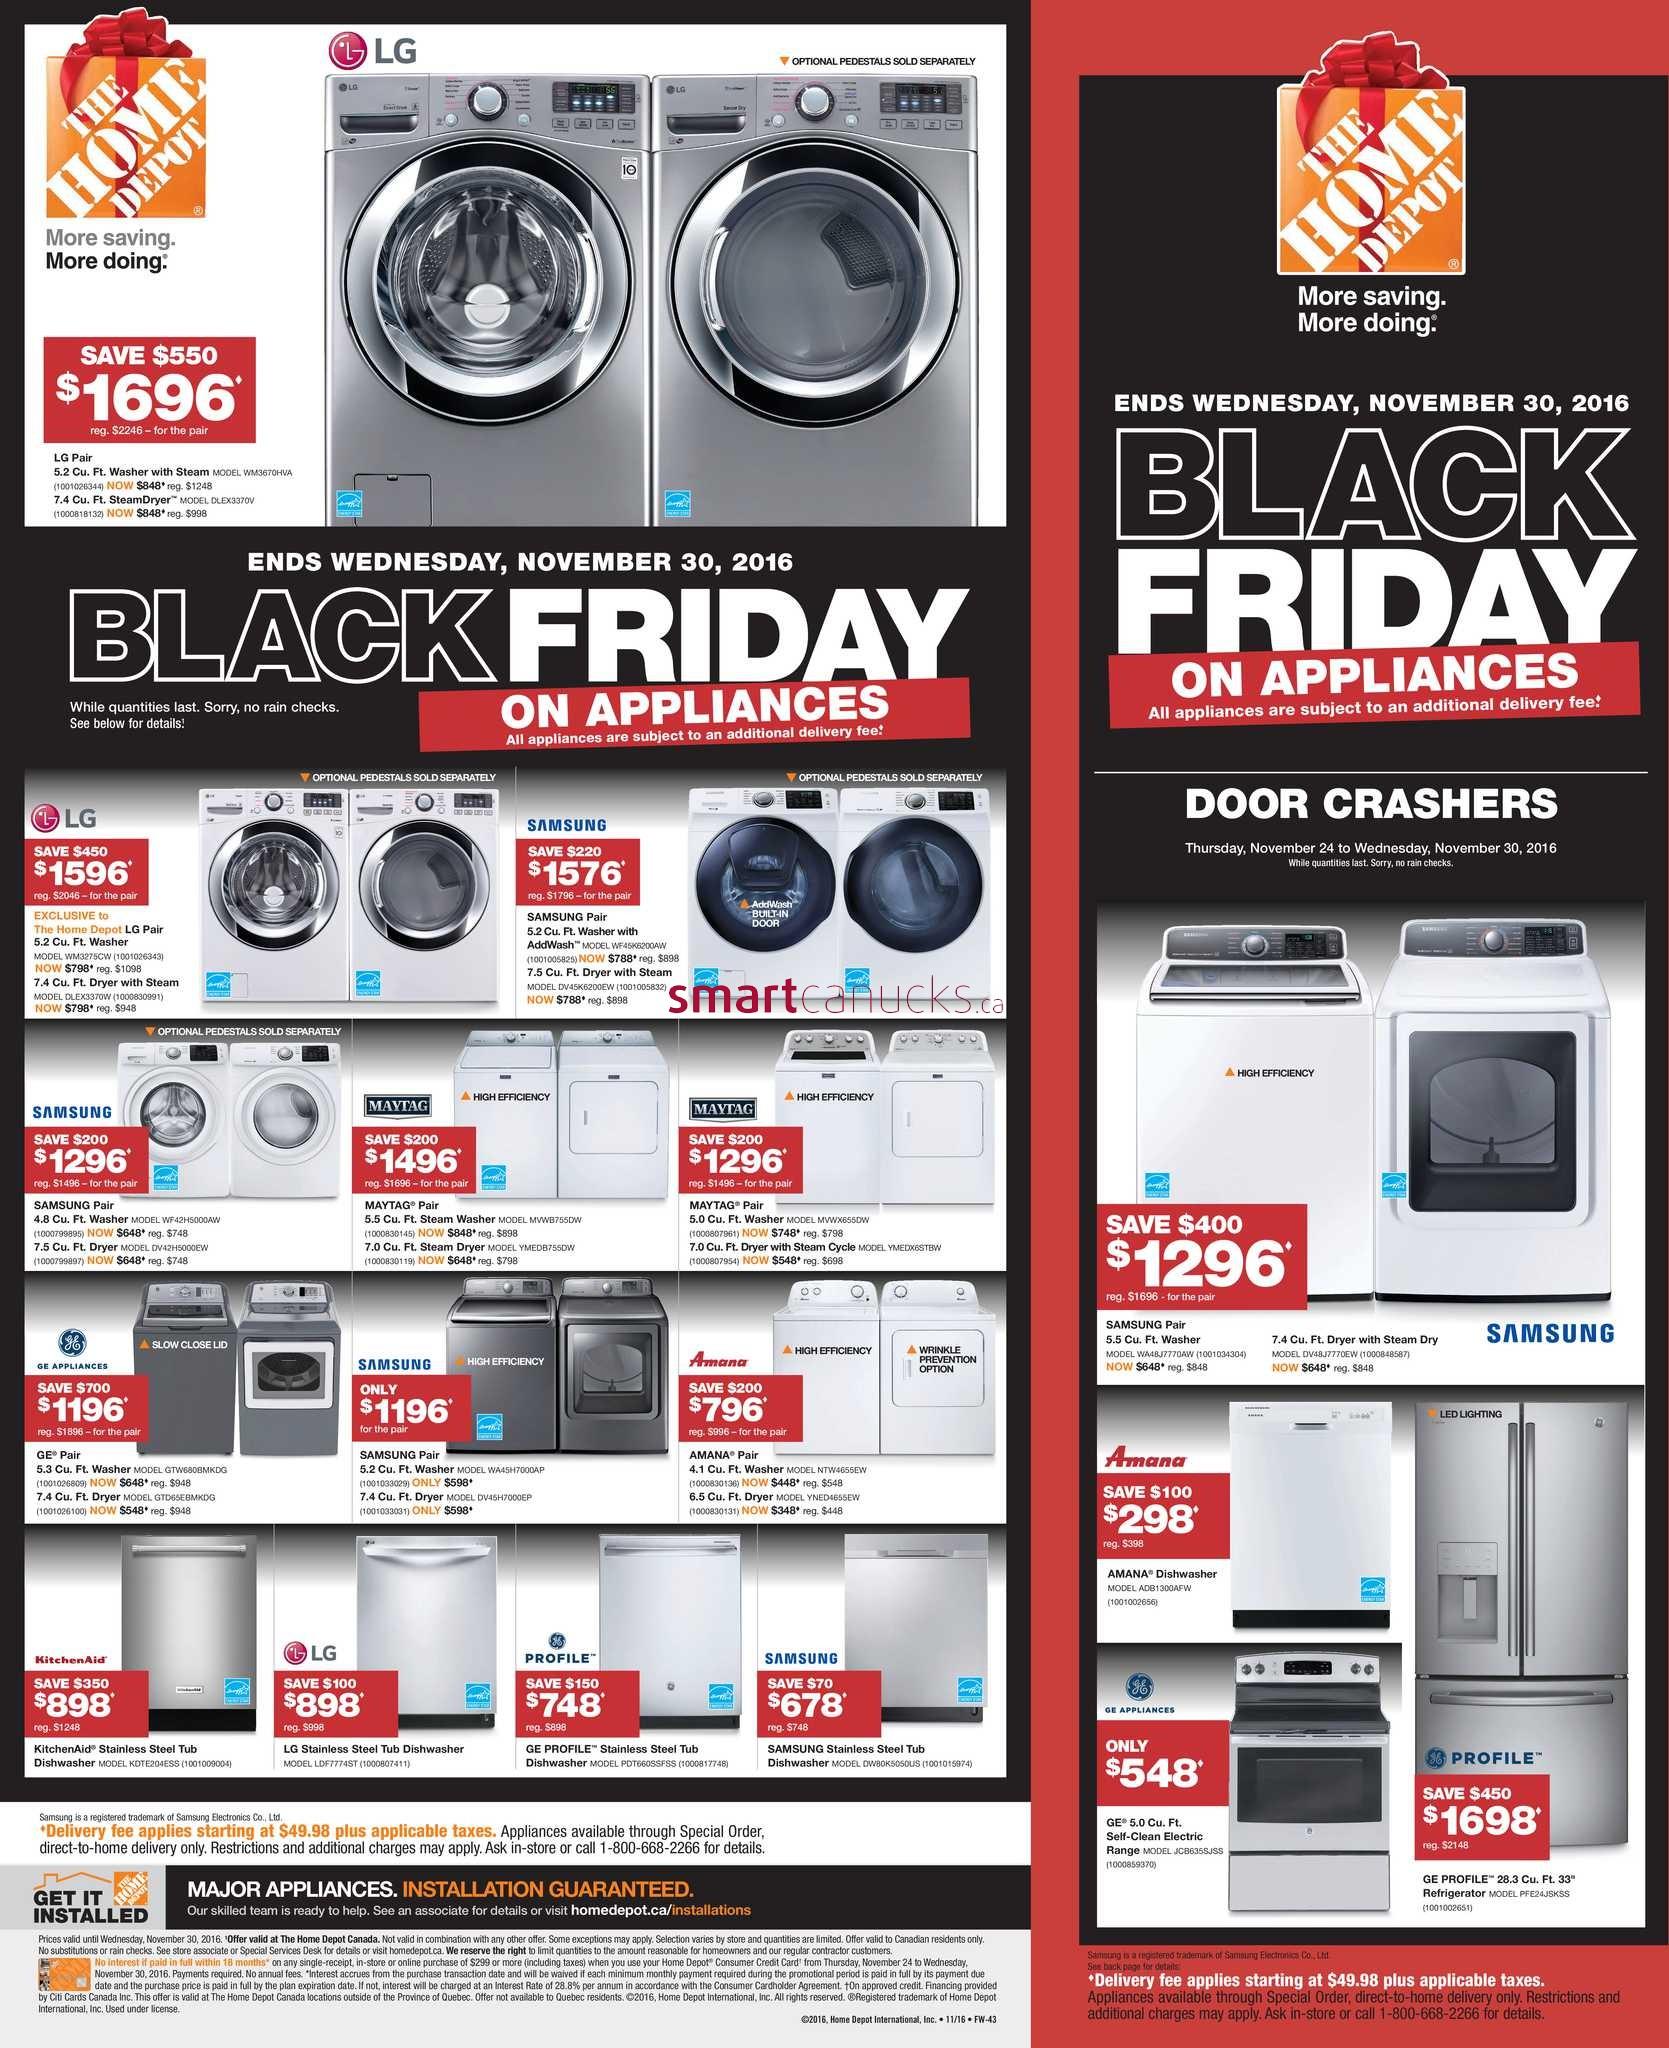 Home Depot Black Friday Com